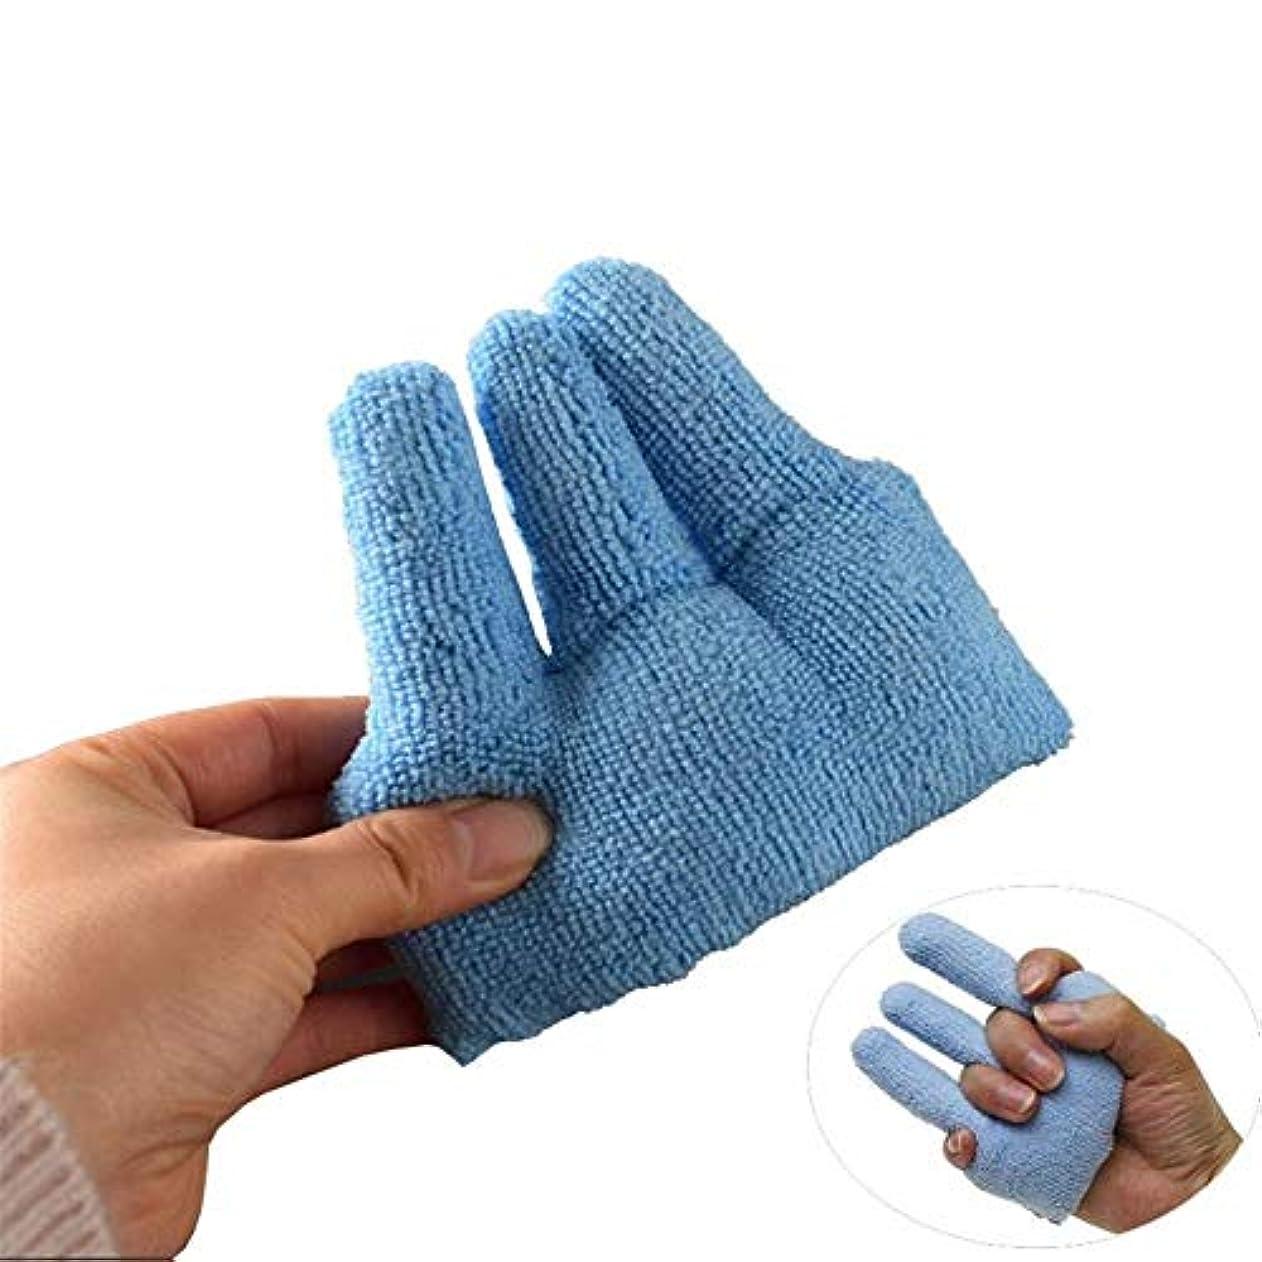 サーマル保有者憲法指拘縮の訓練装置は、ベッドの痛みのための指のきらめきくる病手の高齢者介護を防ぎます (Size : 1pairs)